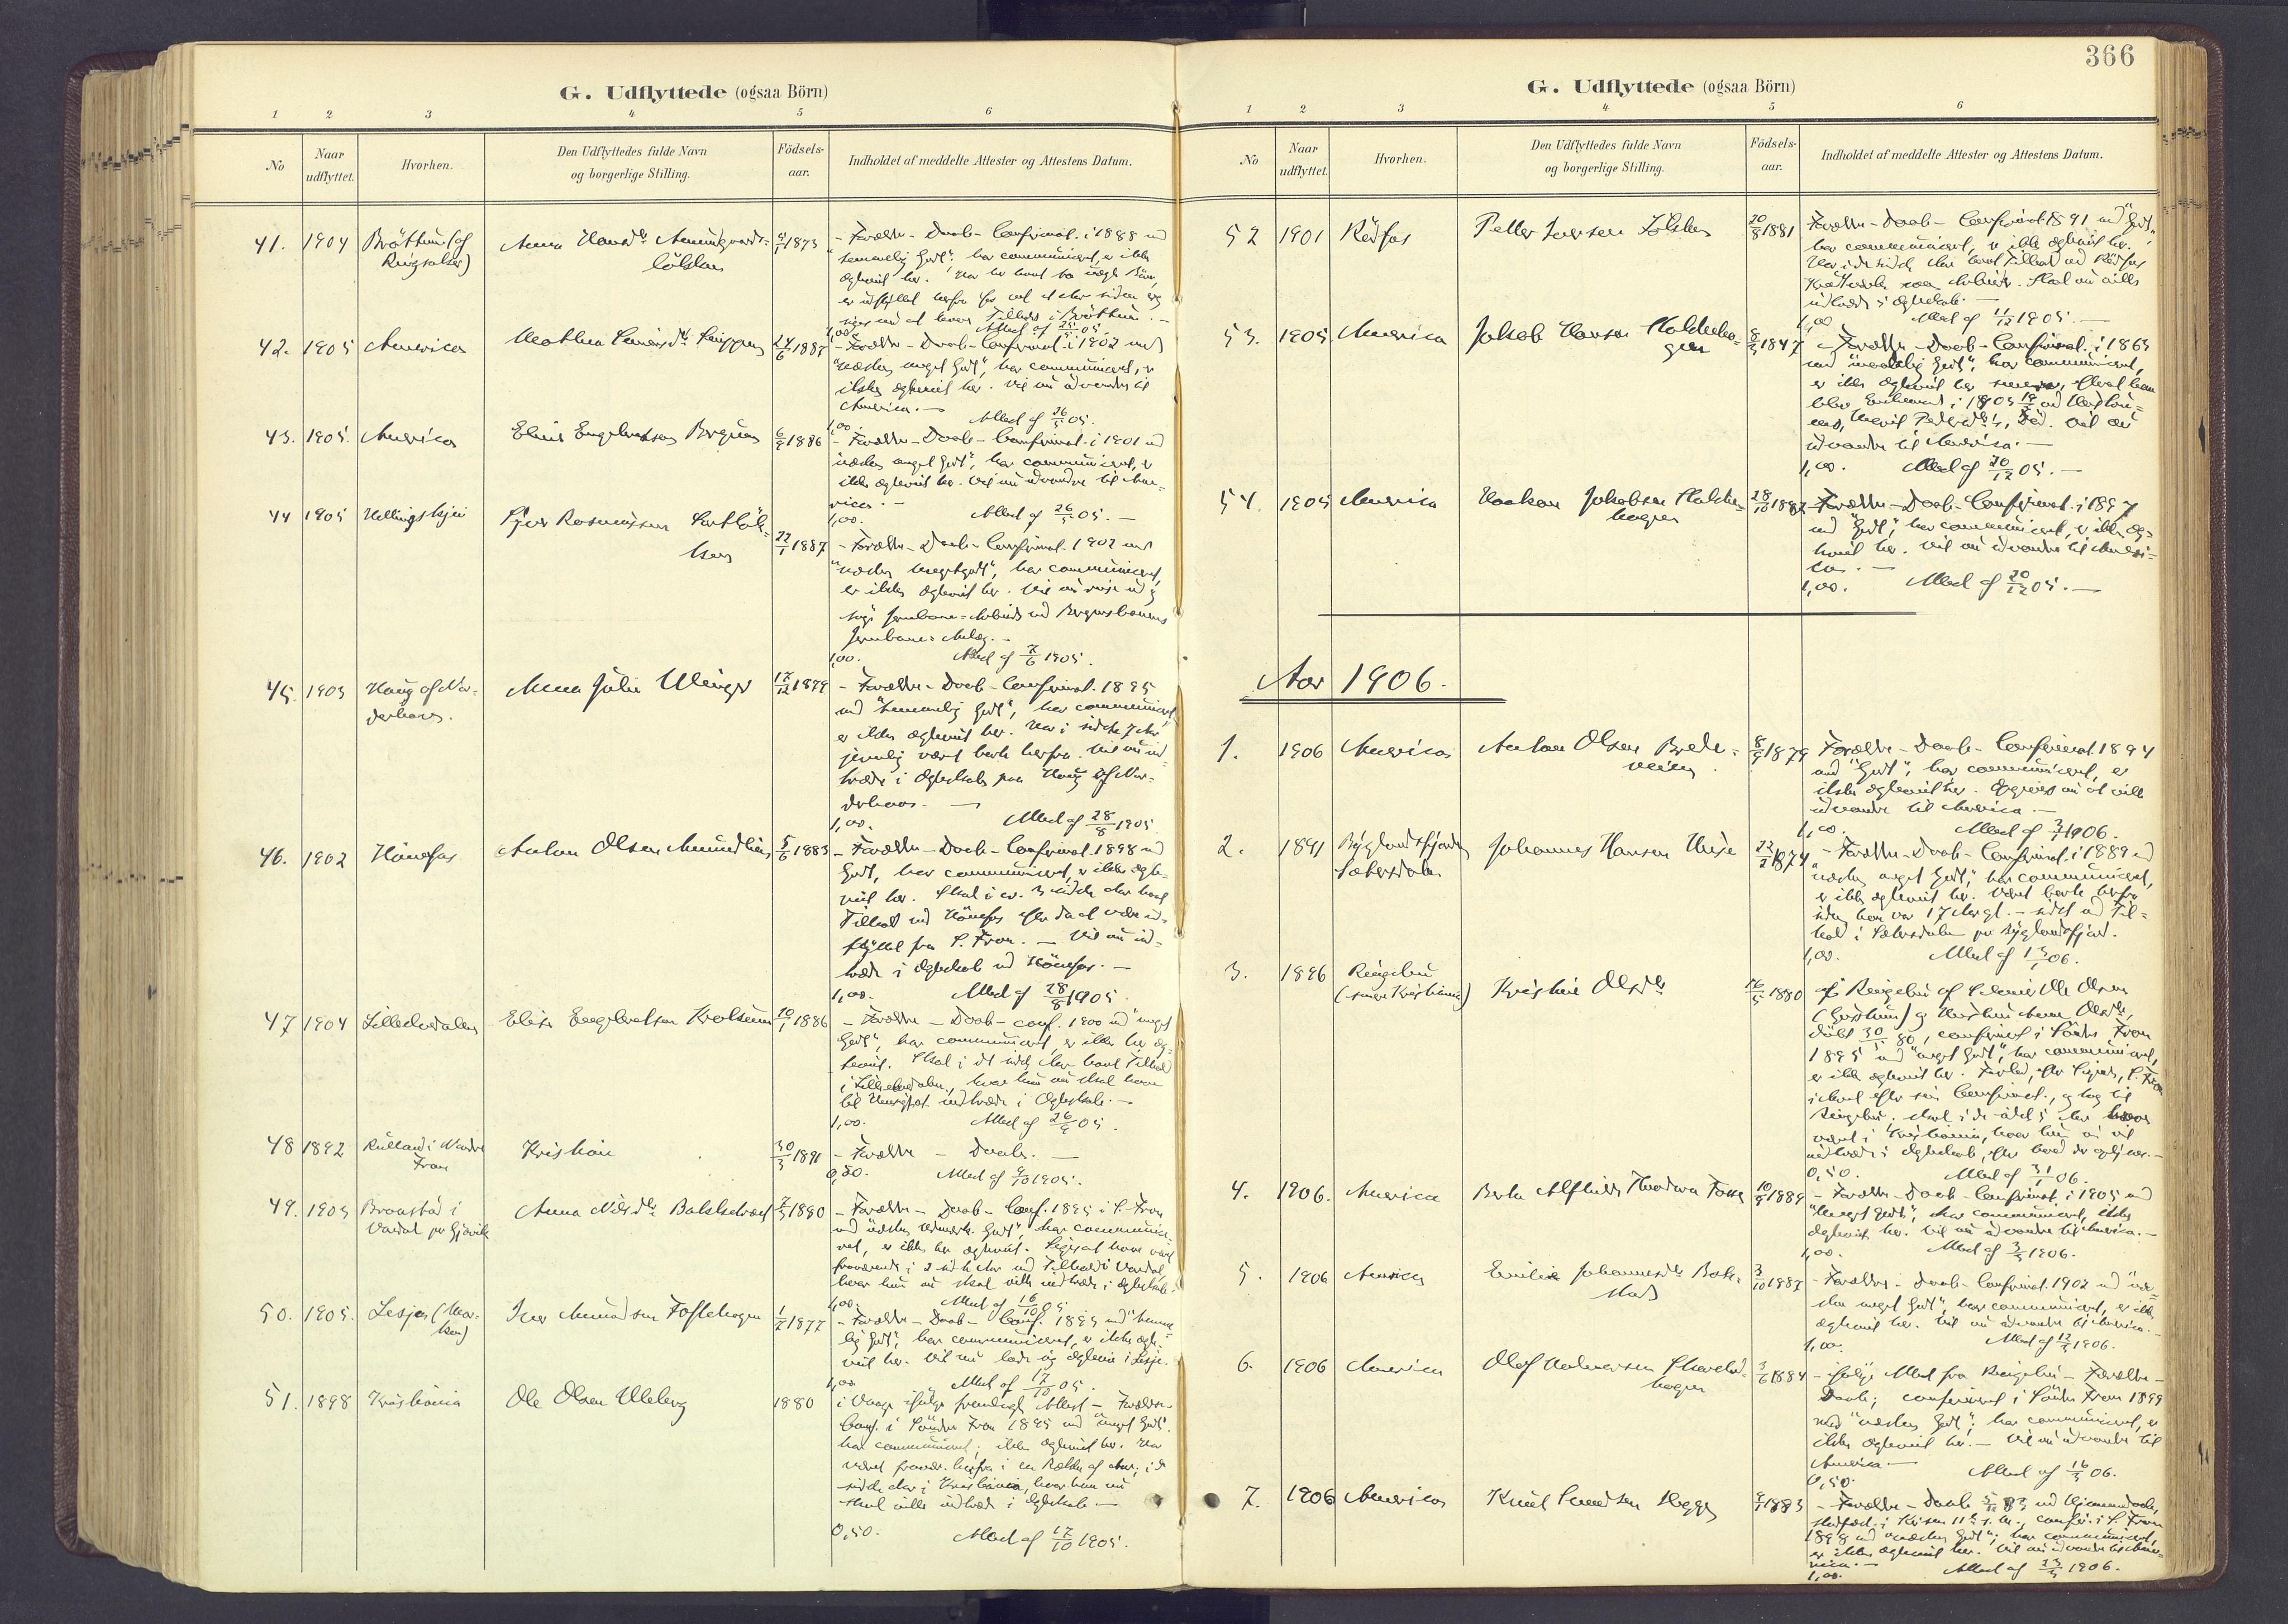 SAH, Sør-Fron prestekontor, H/Ha/Haa/L0004: Ministerialbok nr. 4, 1898-1919, s. 366